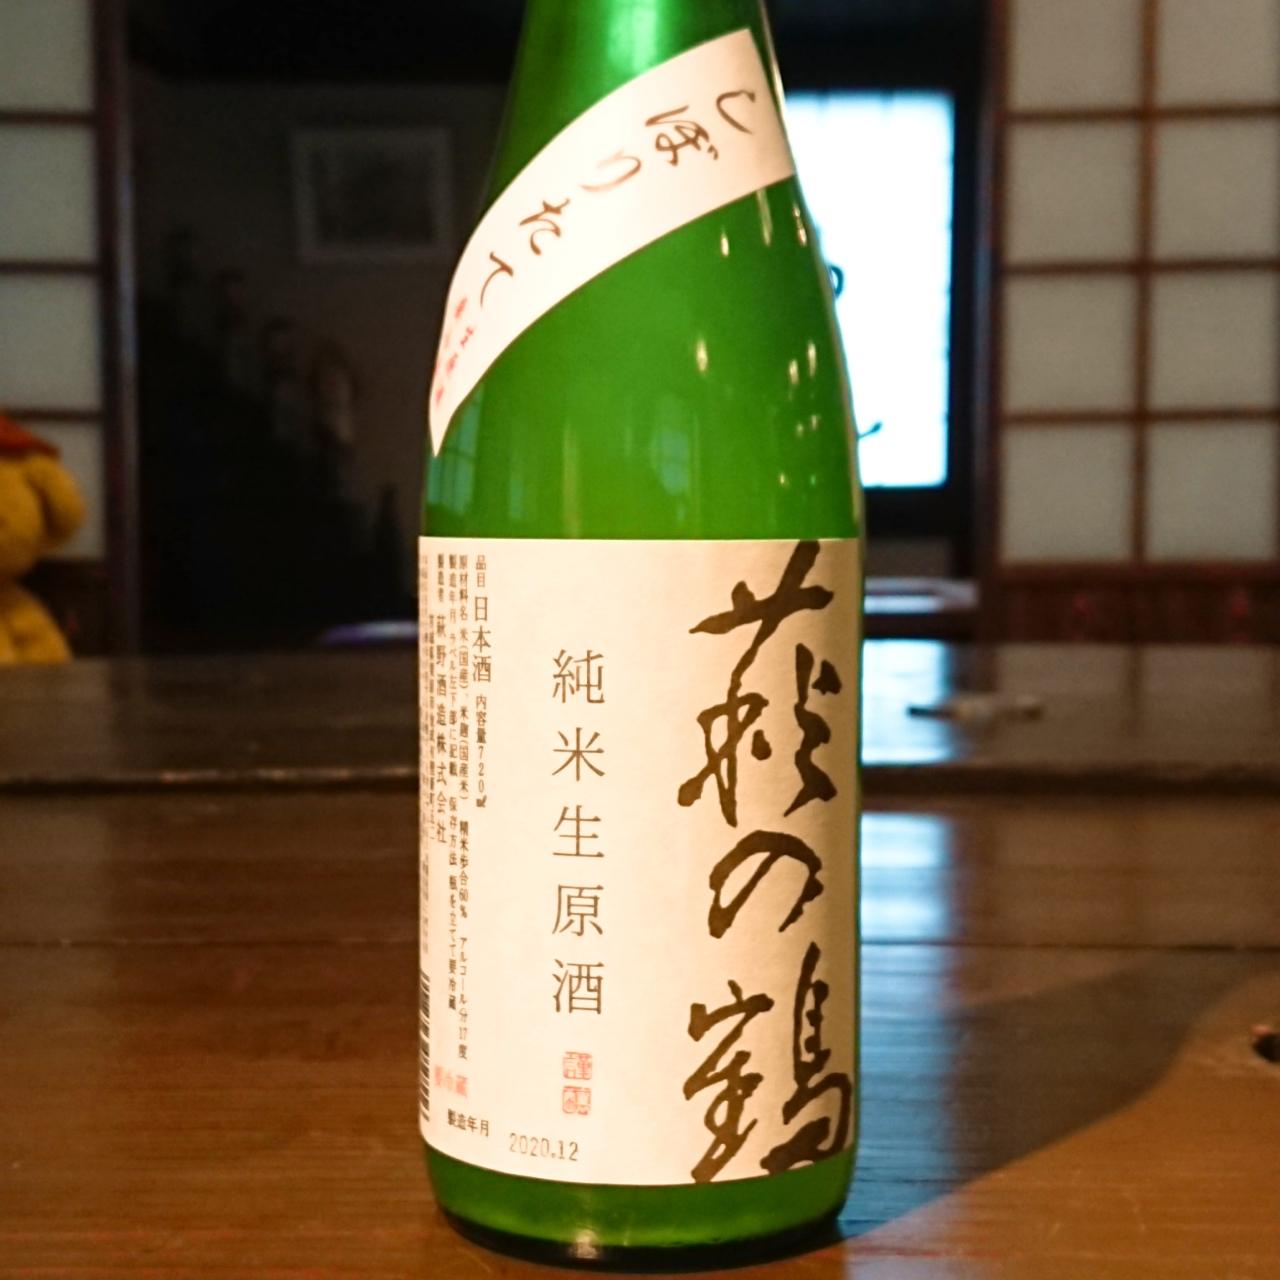 【新酒】萩の鶴 しぼりたて 純米生原酒